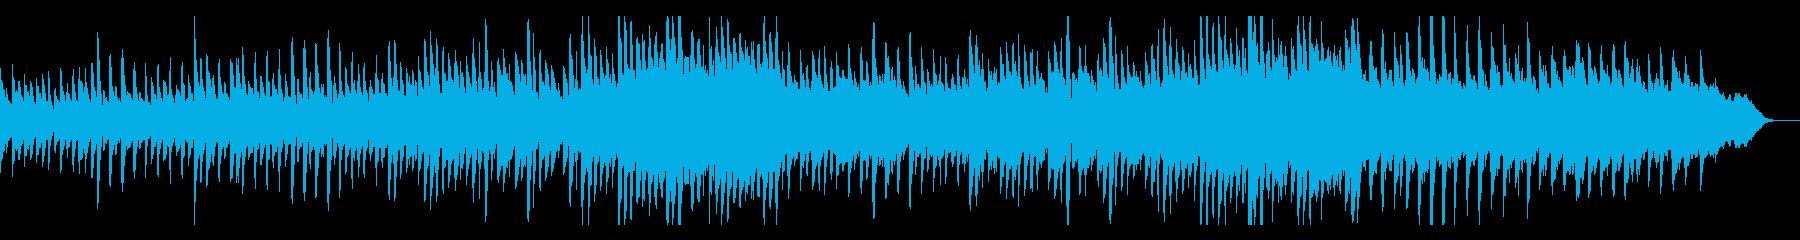 優しいクラシカルなコーポレート・90秒版の再生済みの波形